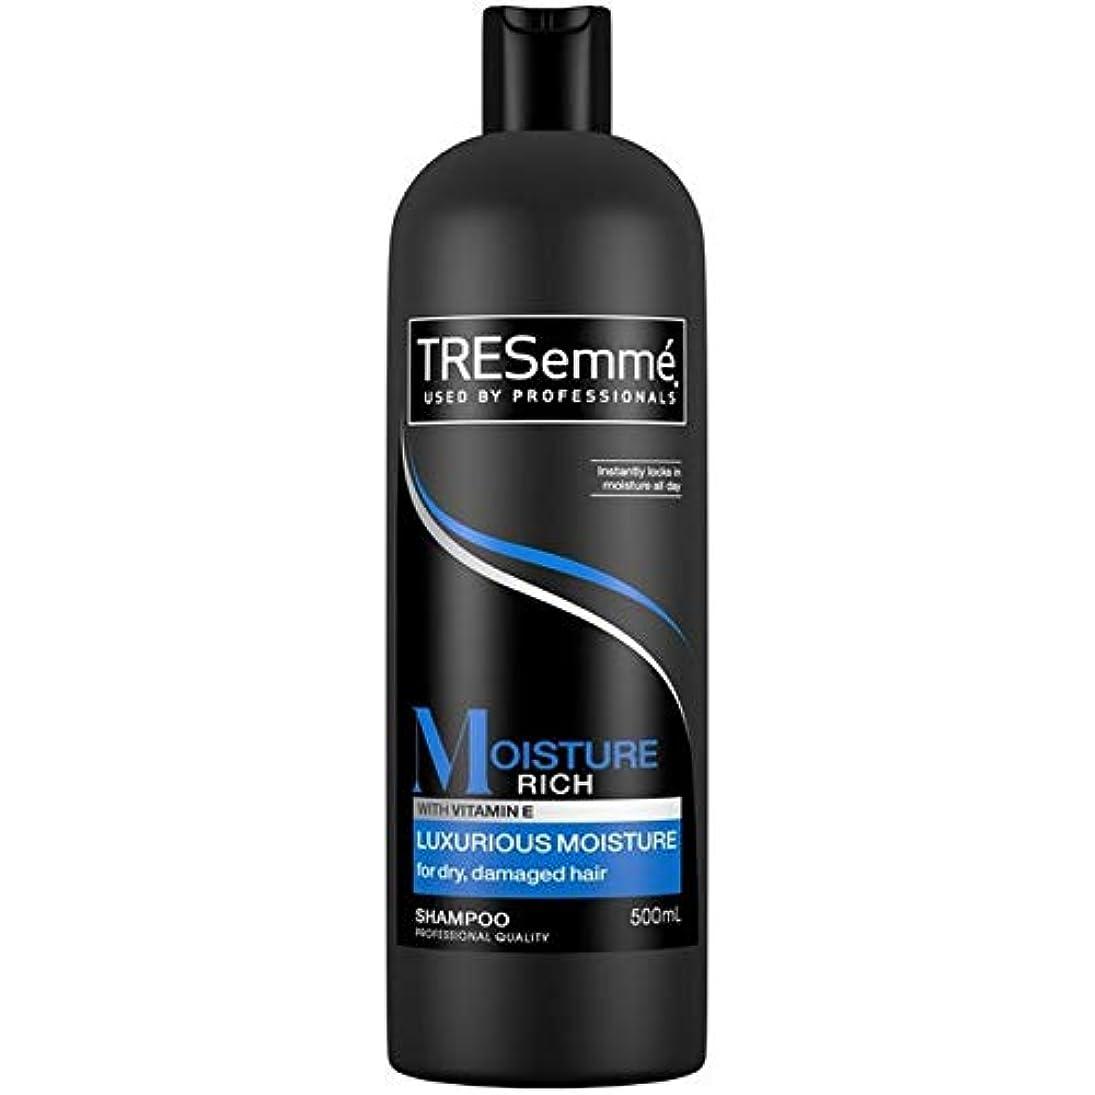 理論アスレチック制限[Tresemme] Tresemme水分豊富なシャンプー豪華な水分500ミリリットル - TRESemme Moisture Rich Shampoo Luxurious Moisture 500ml [並行輸入品]